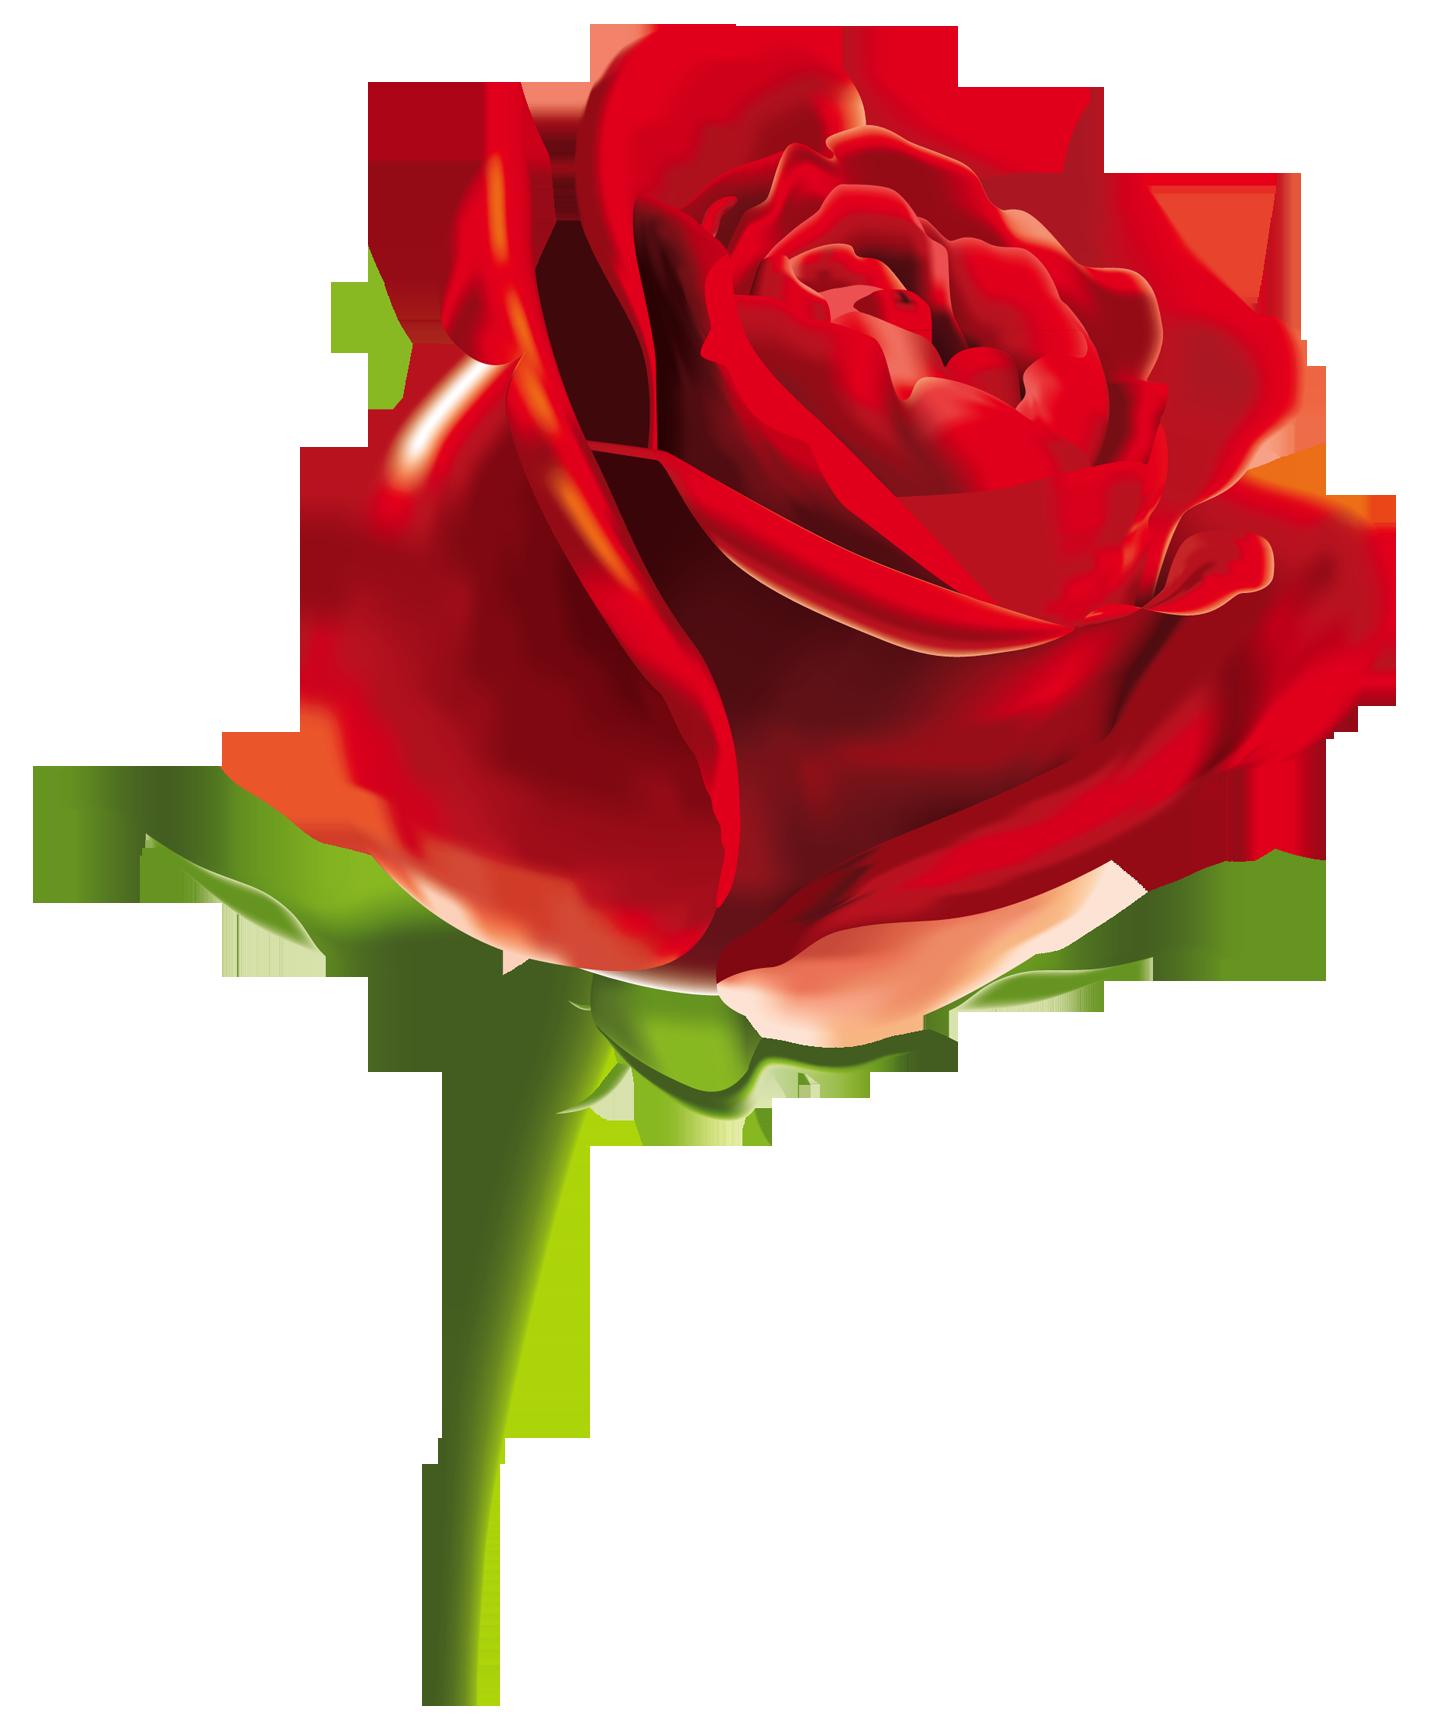 PNG HD Rose - 155205